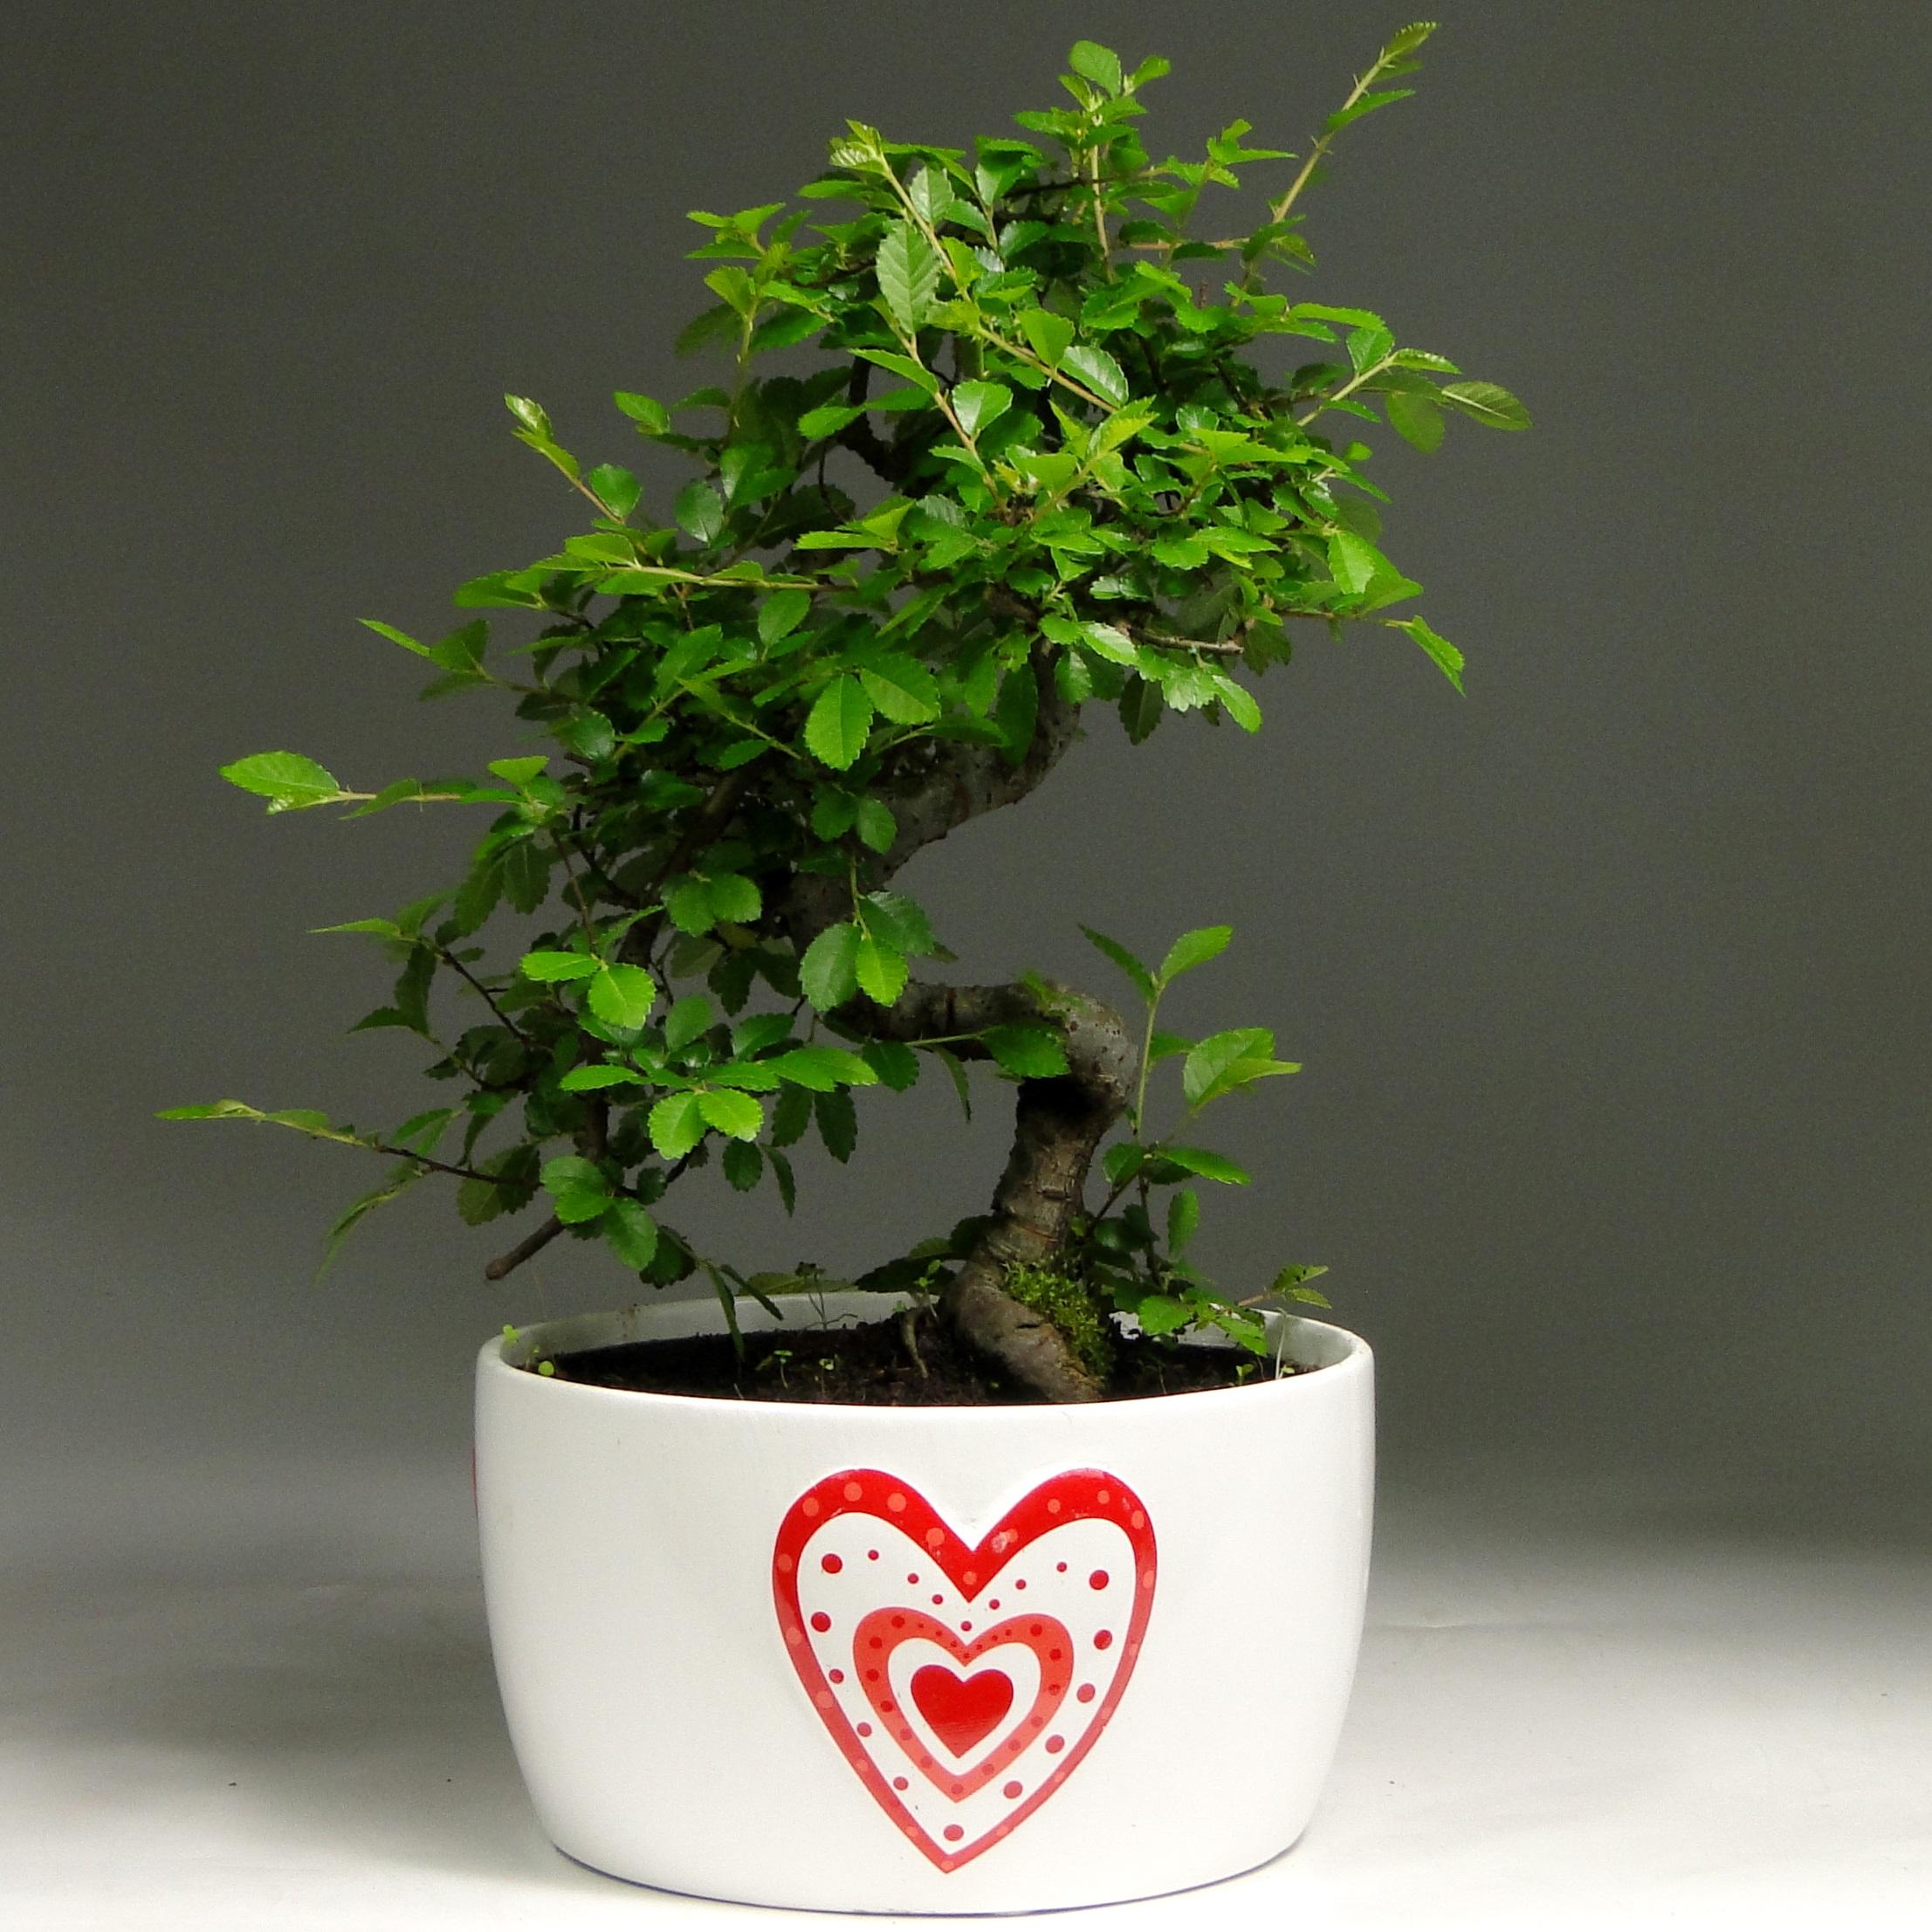 Бонсай вяз в Heart керамике 30 см